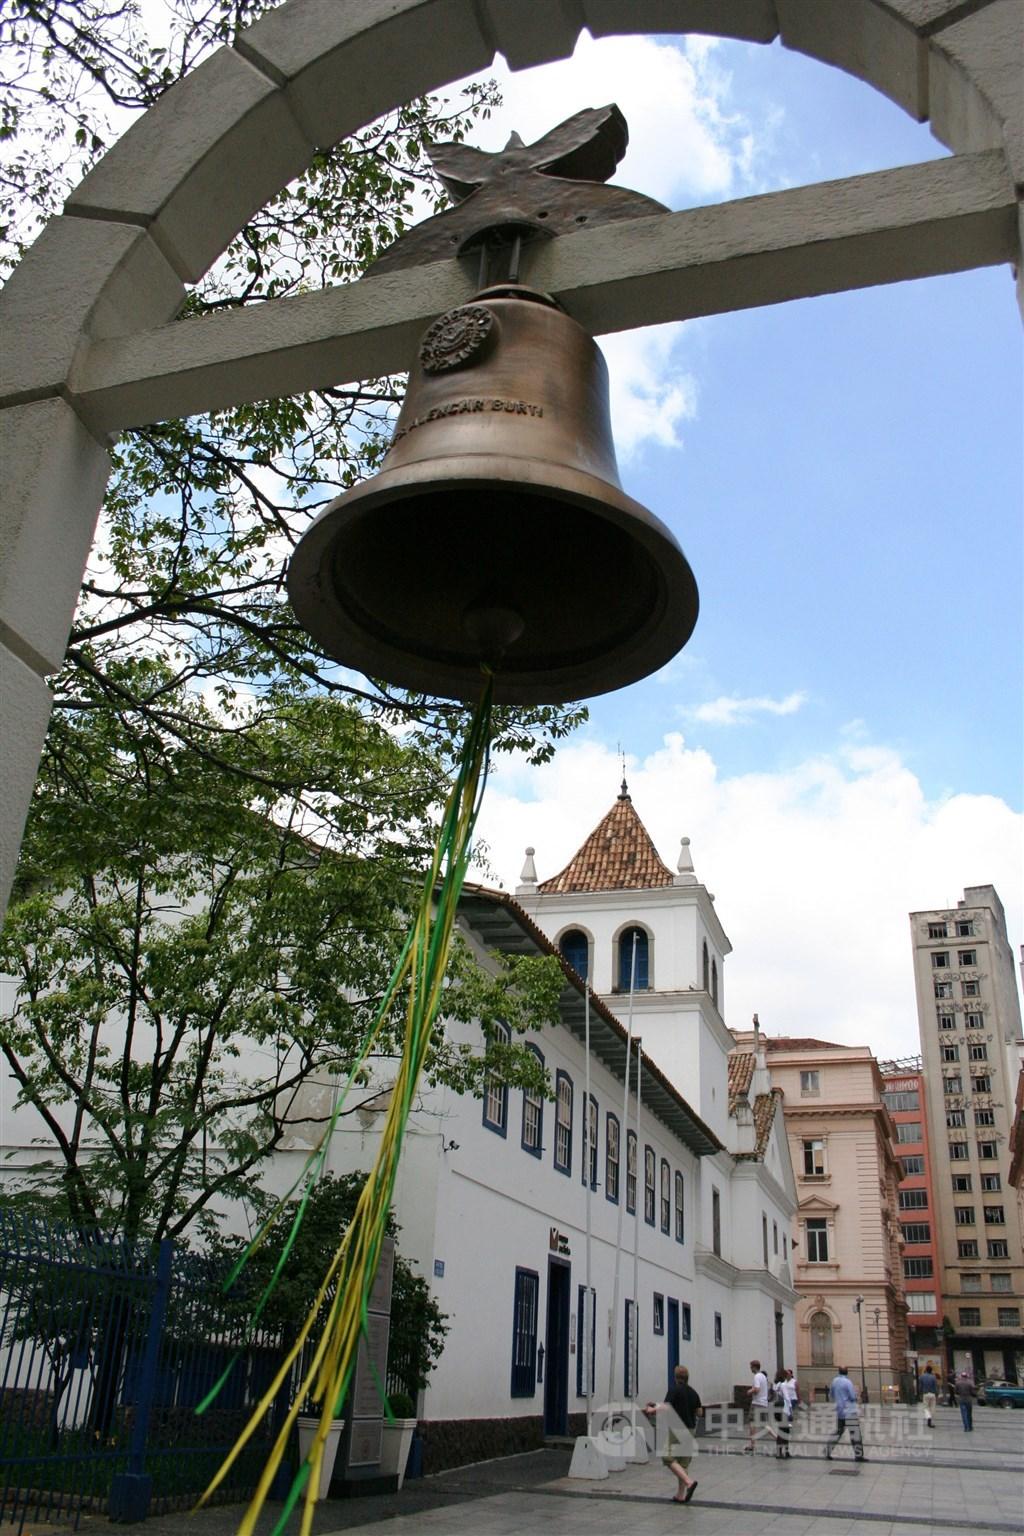 巴西聖保羅市歷史中心的耶穌會中學廣場左側有一道米白色的小拱門,上面掛著一口銅製的小鐘,是一座鮮少人知的和平地標紀念碑。中央社記者唐雅陵聖保羅攝 108年11月1日